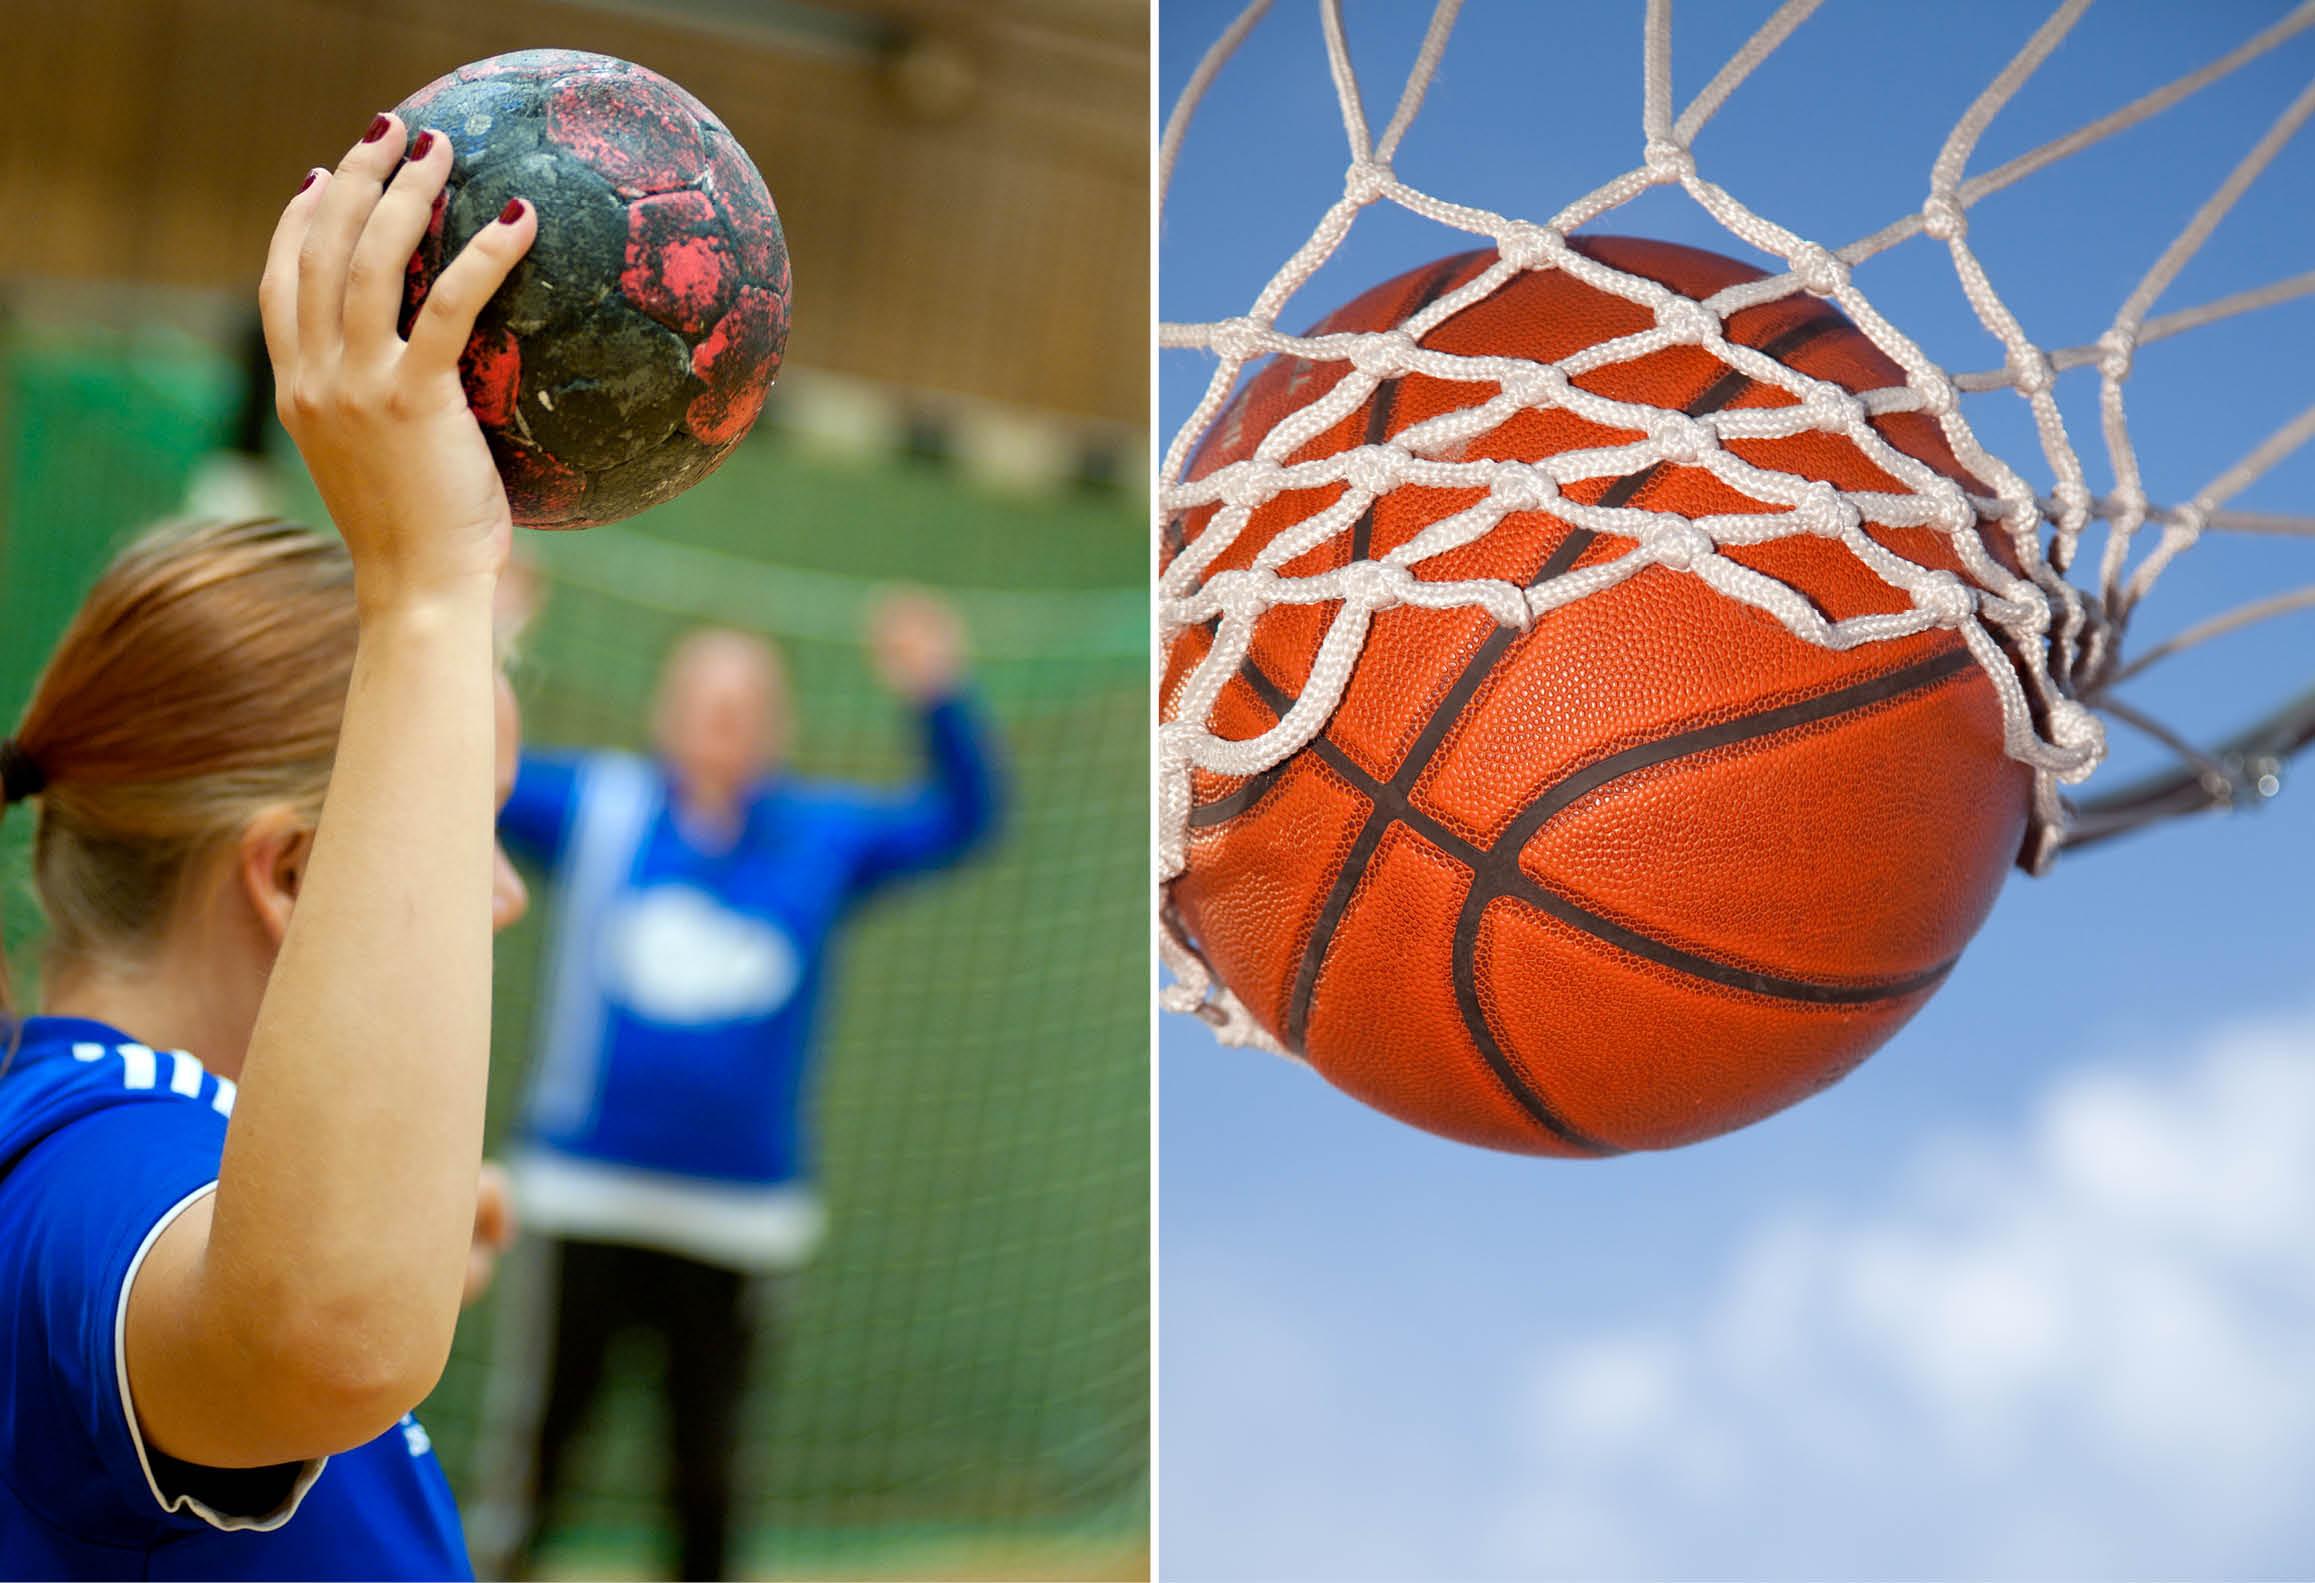 Vänster bild visar handbollsspelare. Höger bild visar basketboll i basketkorg